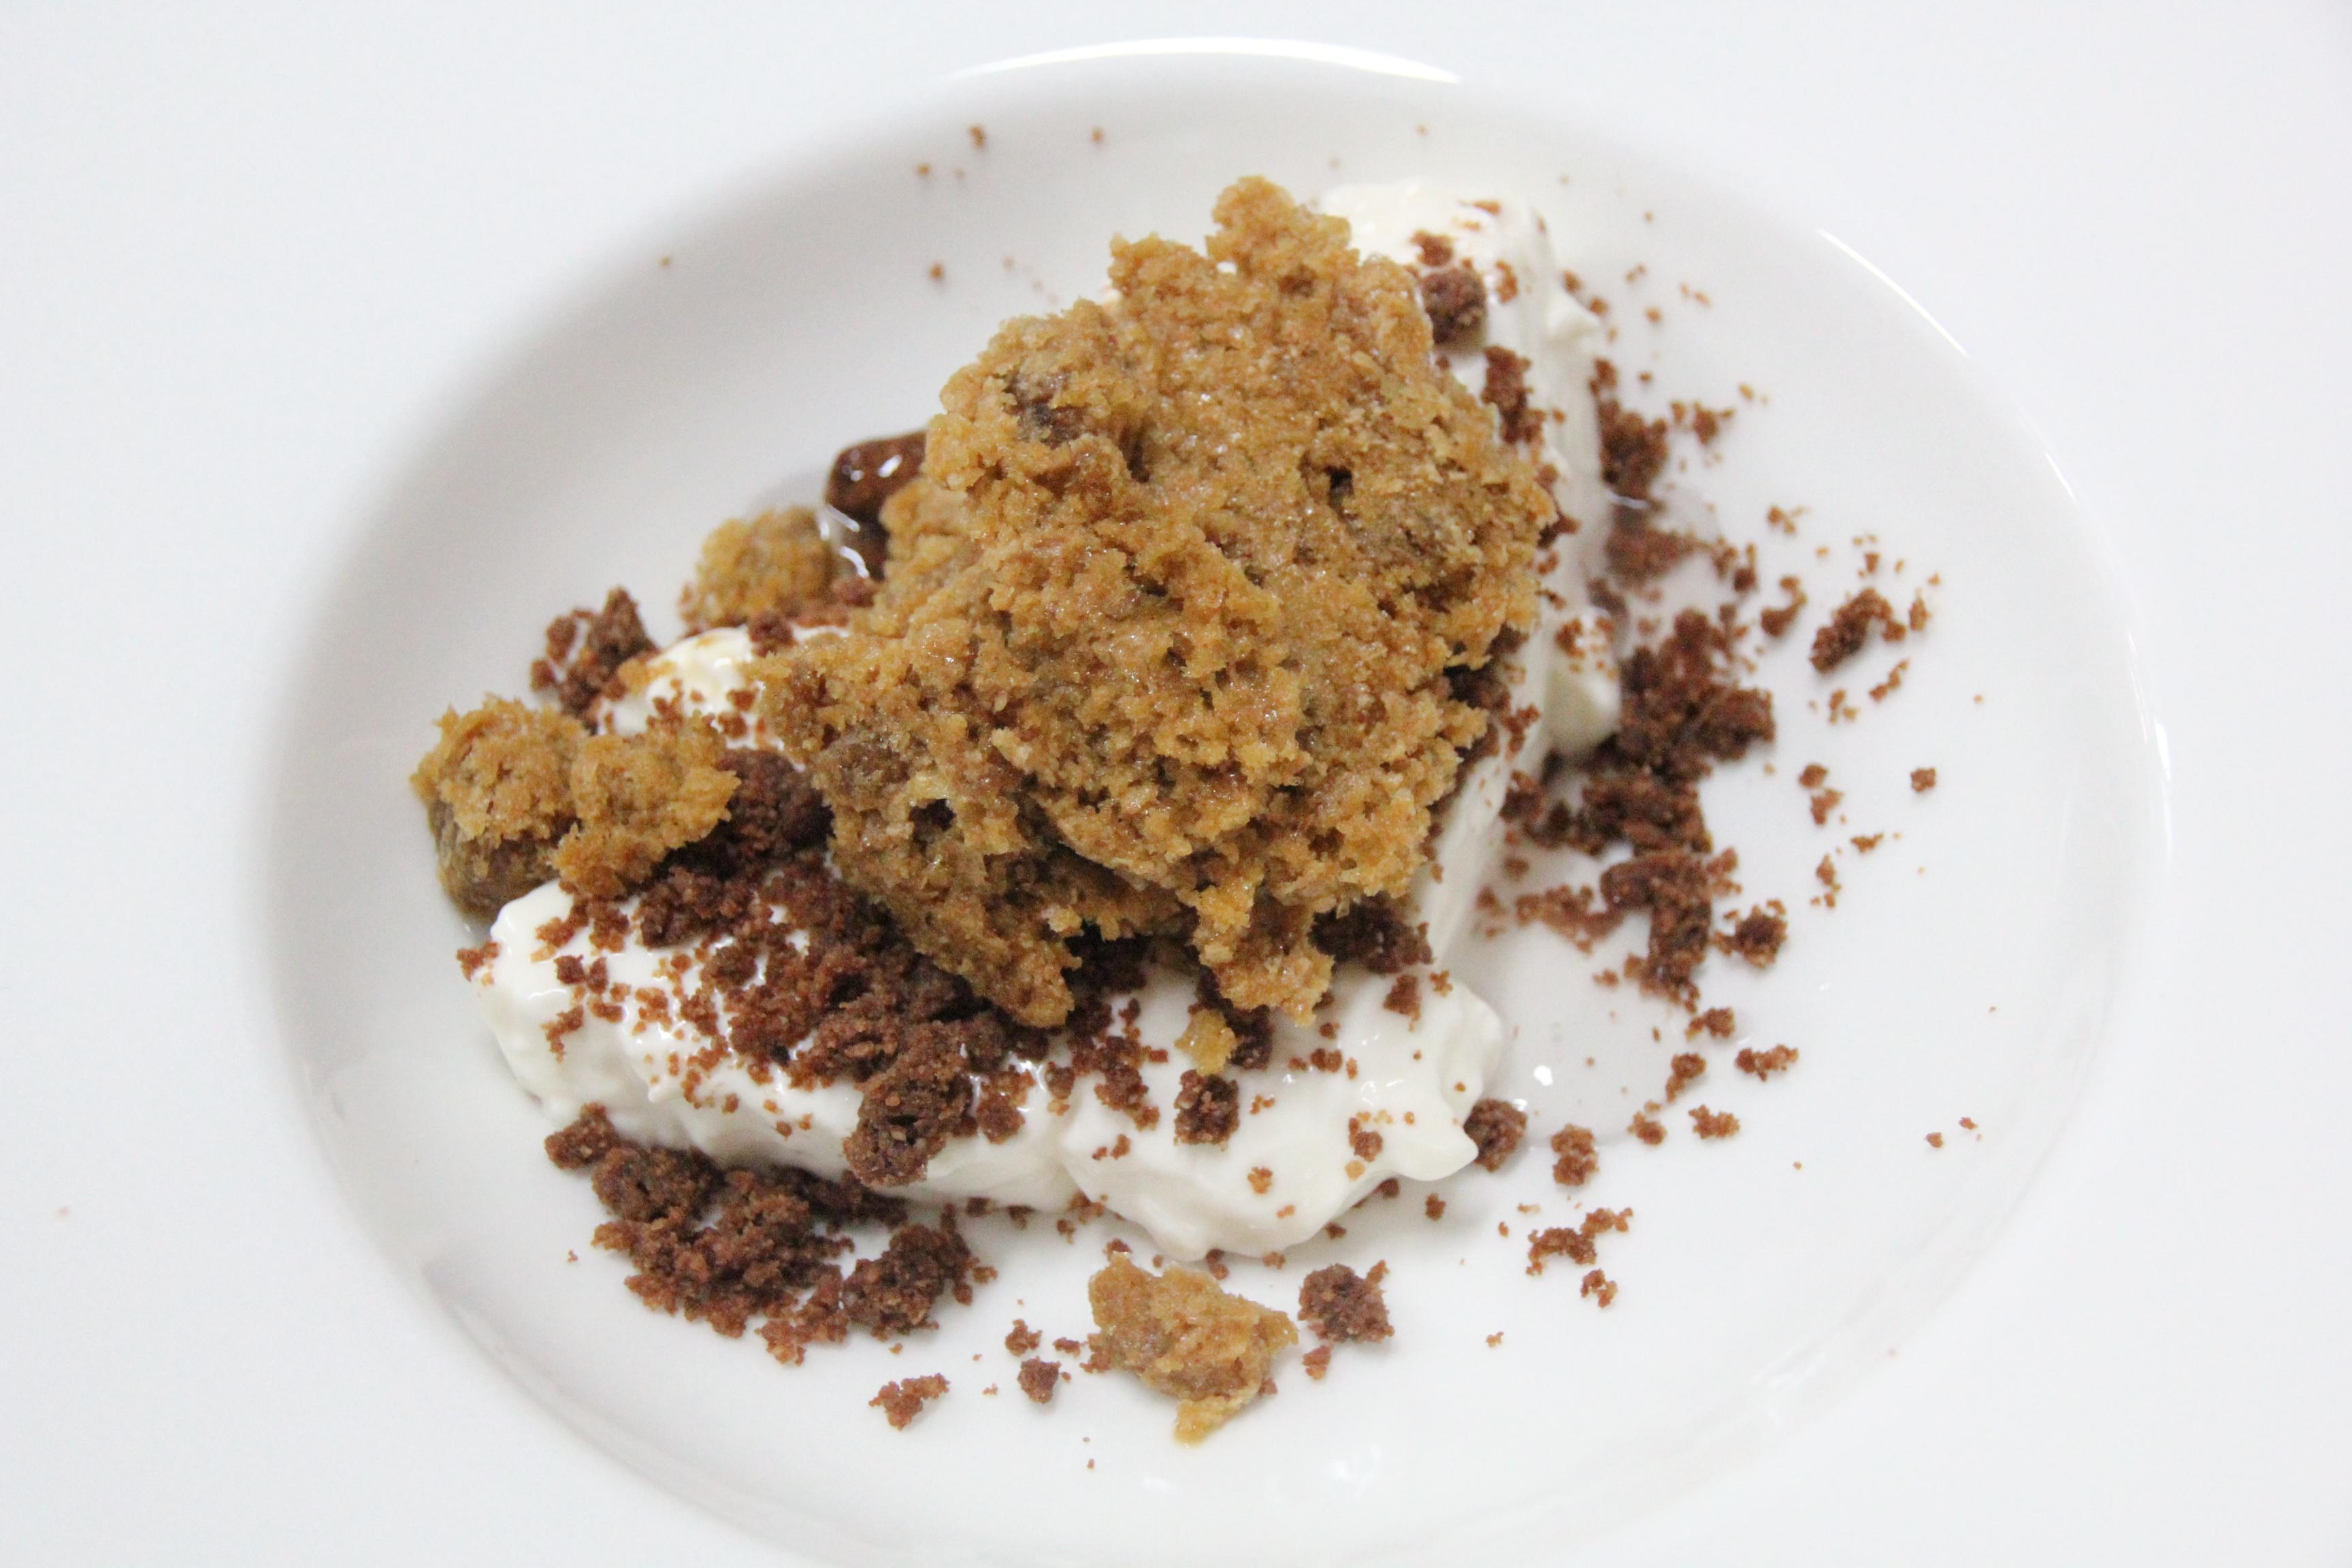 Mousse al cioccolato bianco con croccante alle mandorle